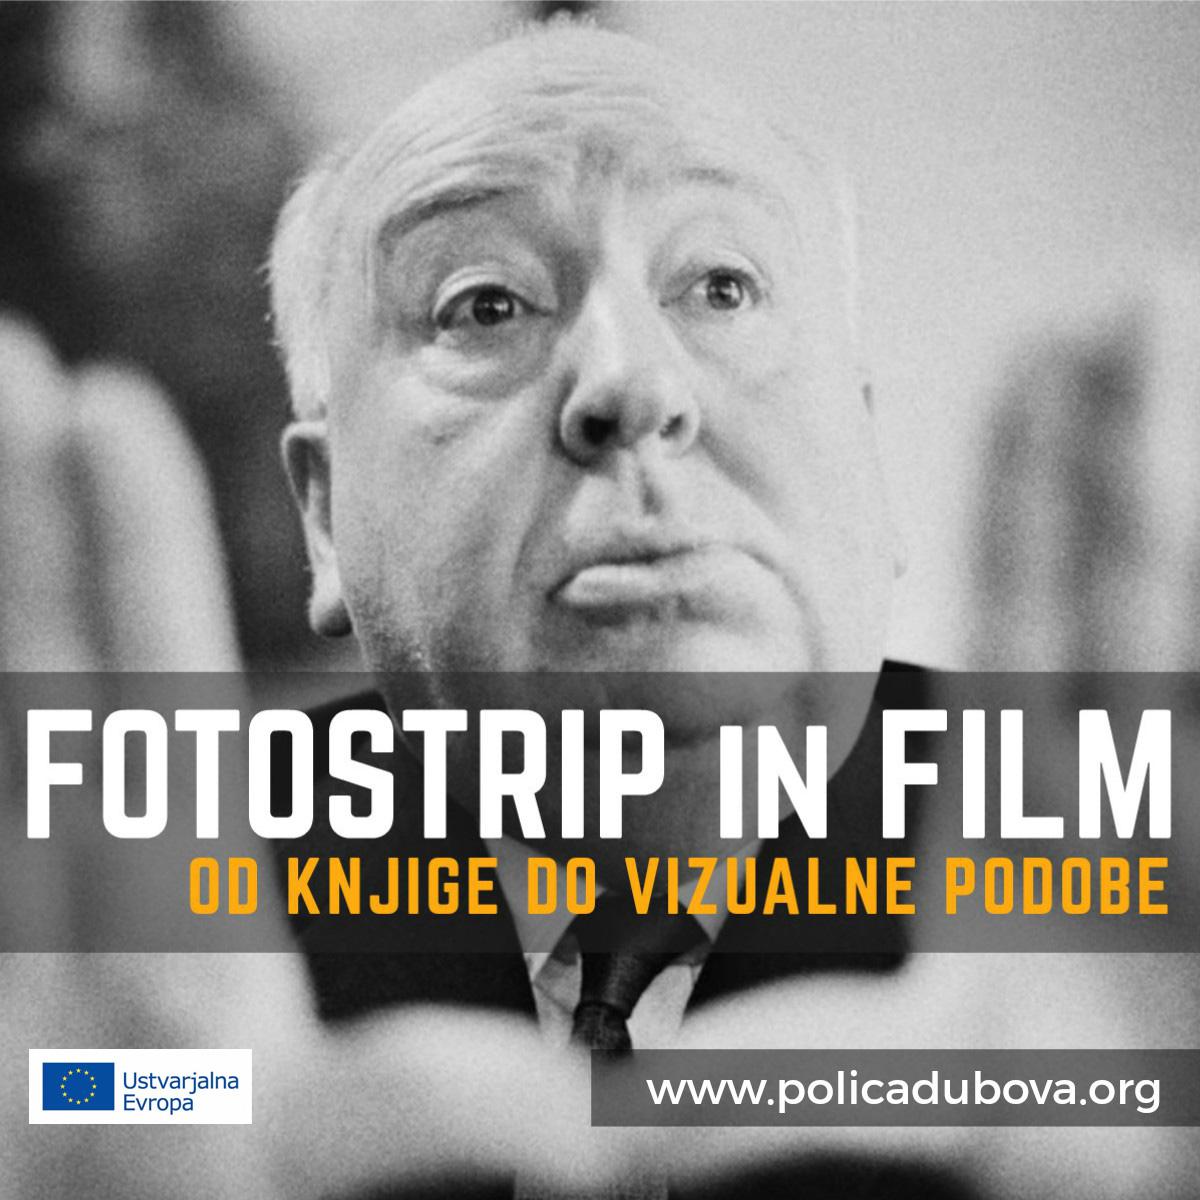 Delavnice Od knjige do vizualne podobe: fotostrip in film